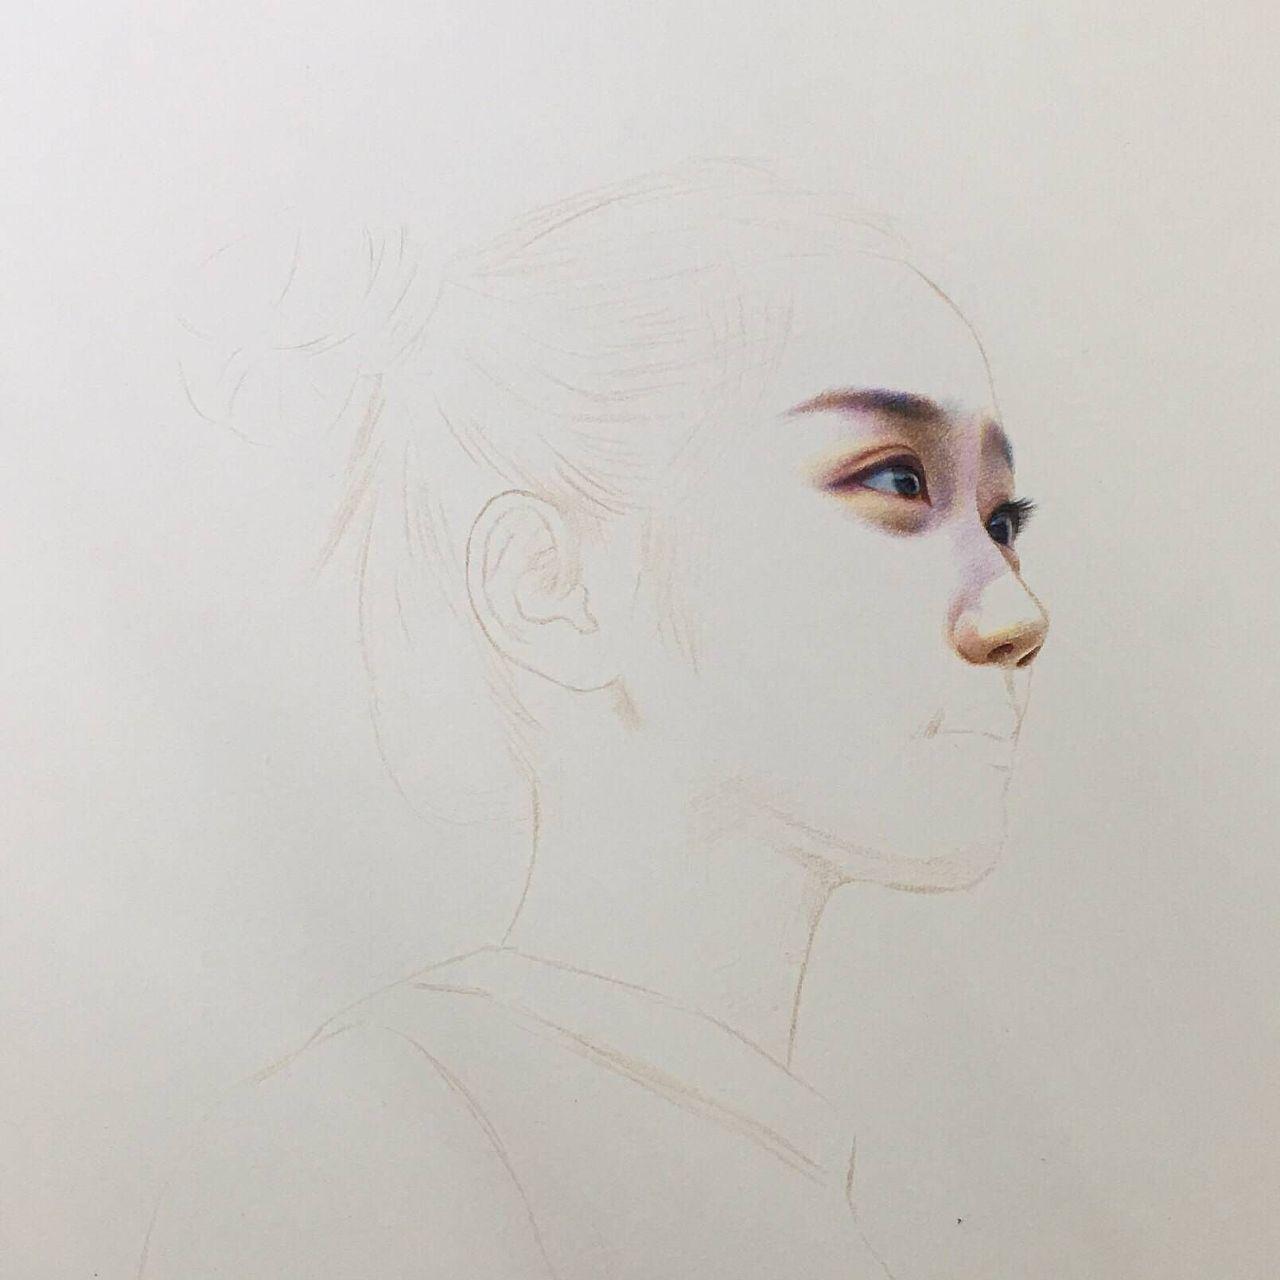 彩铅手绘表白图片大全